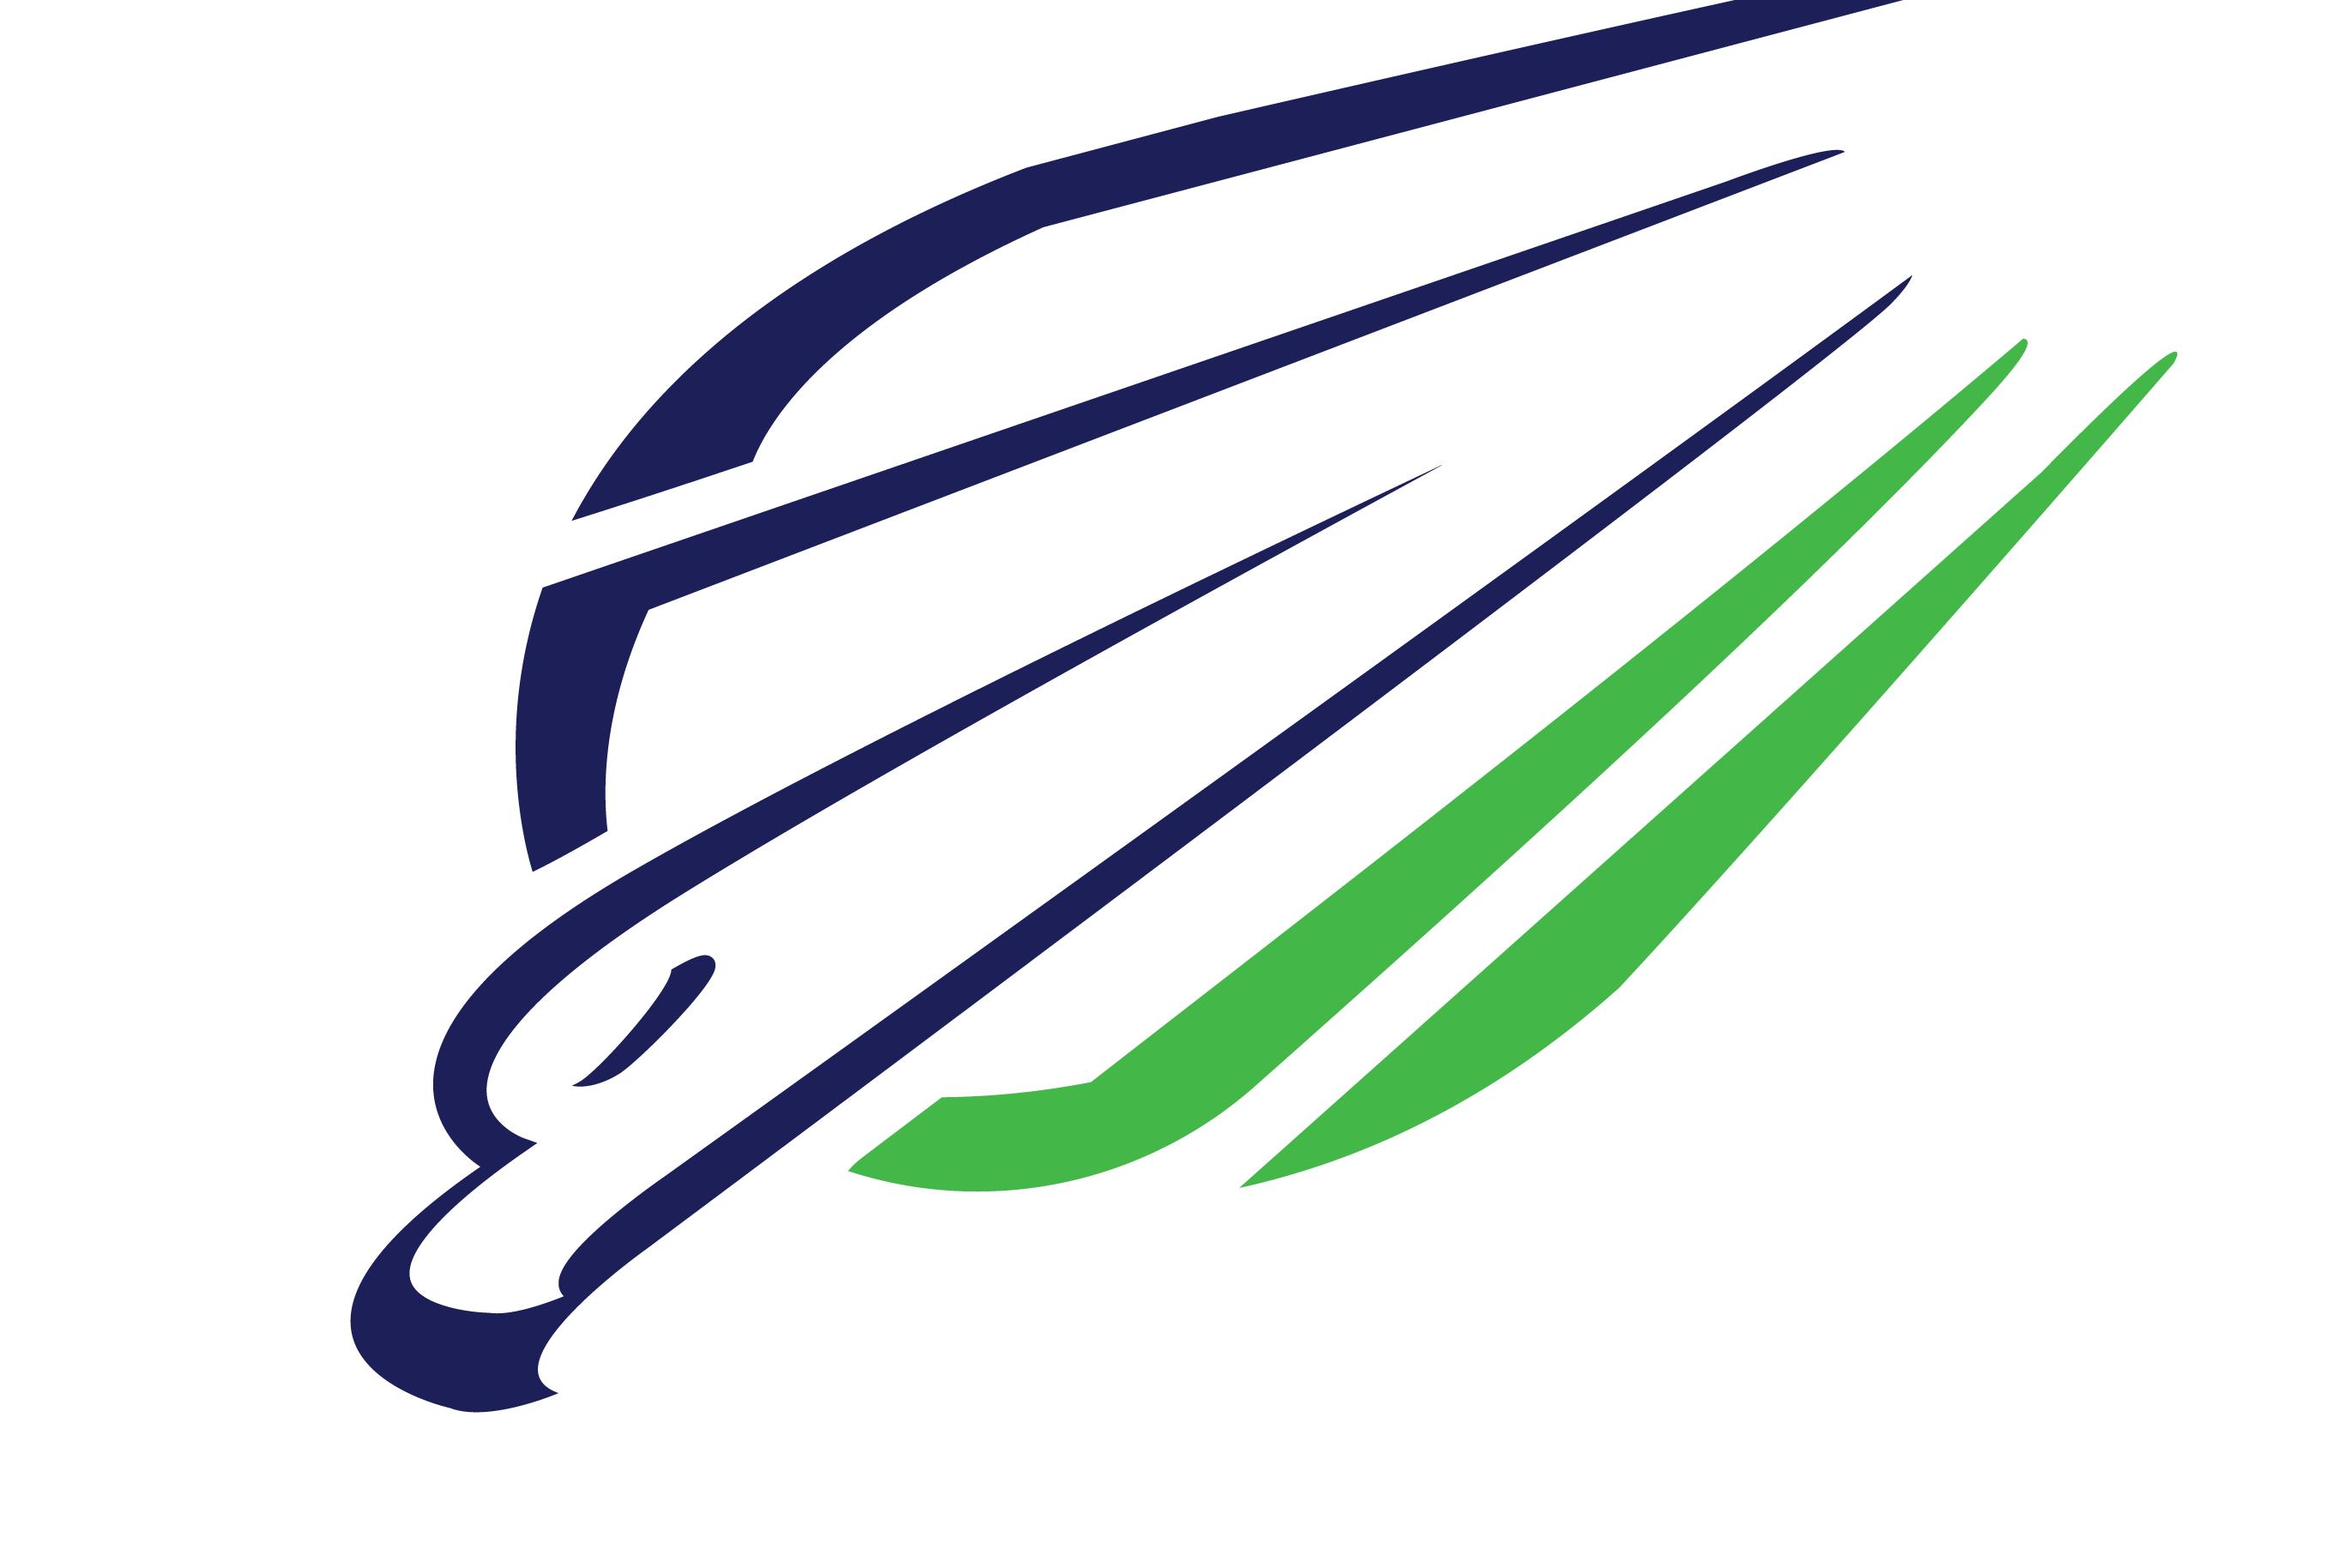 2736x1828 Peregrine Falcon Logos